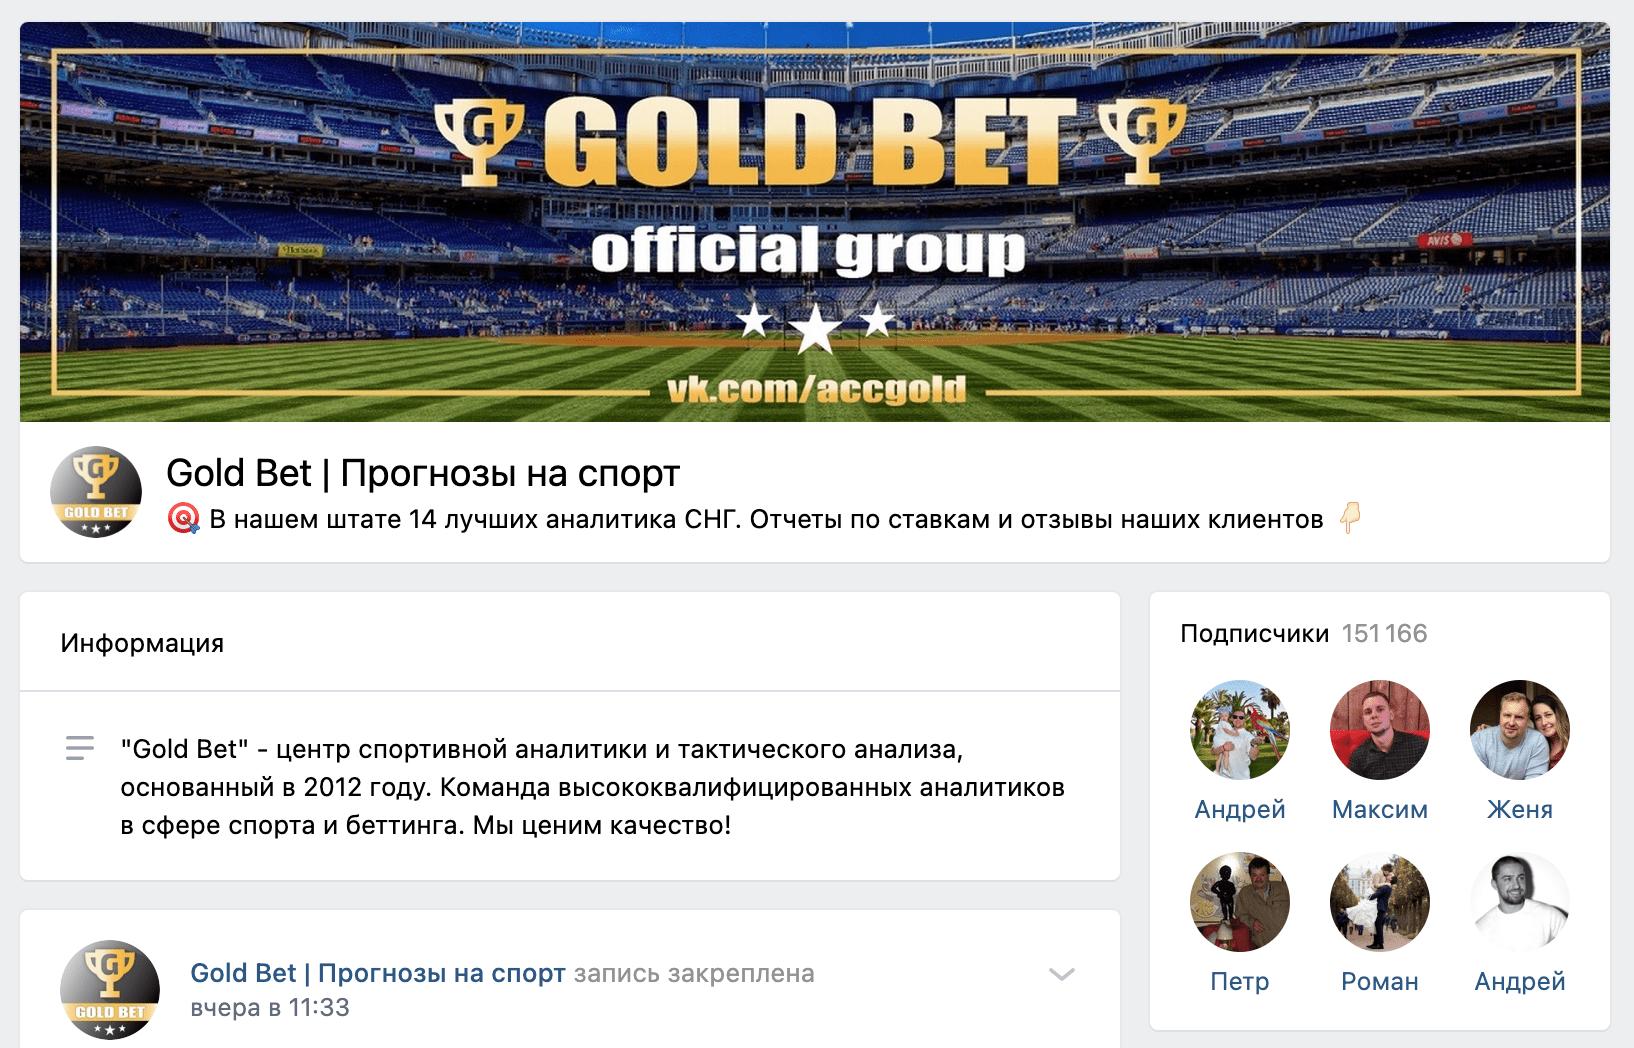 Группа ВК GoldBet(Голд Бет)